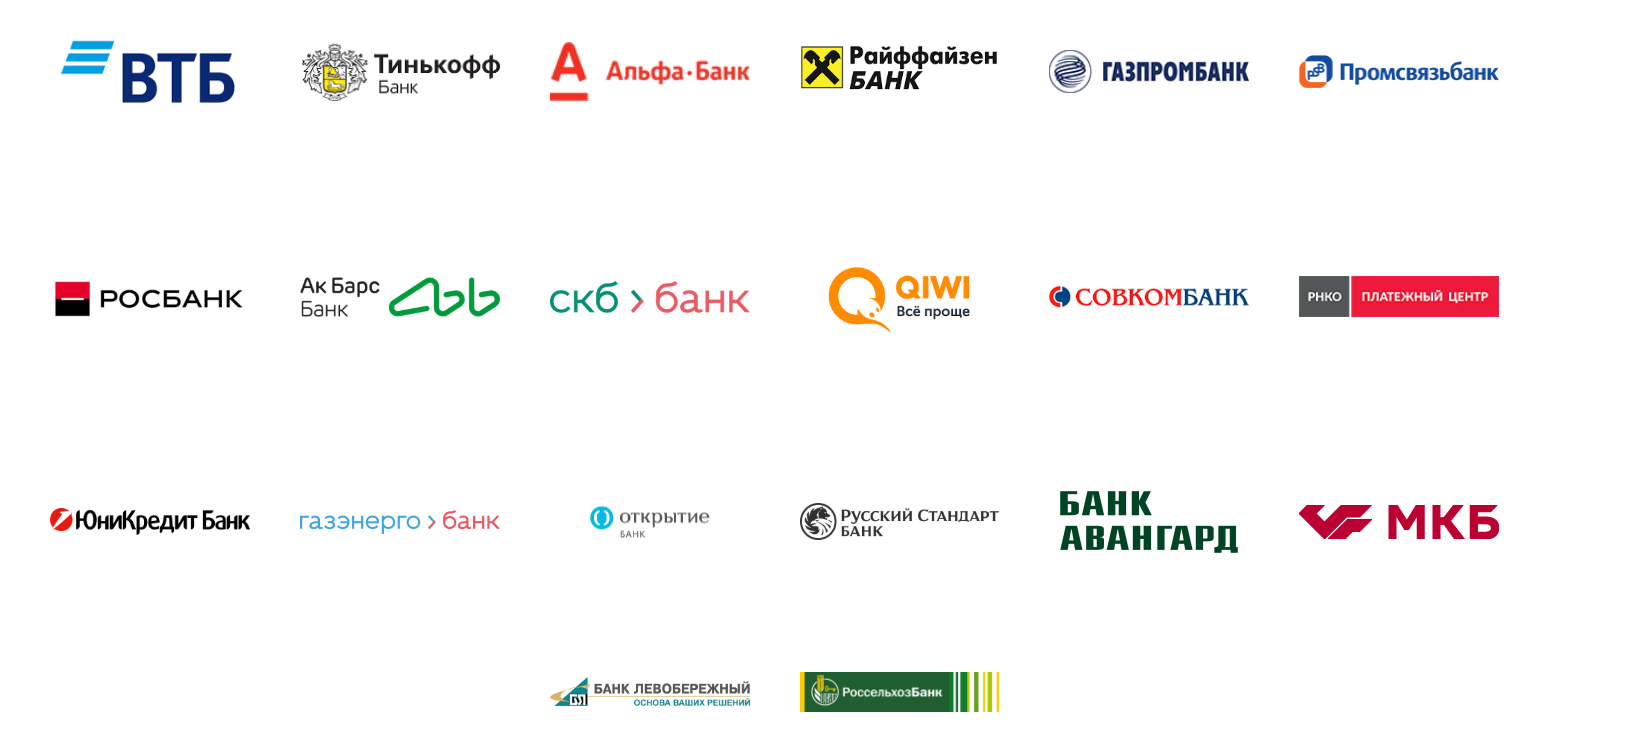 В «Сбербанк Онлайн» появились трансграничные переводы с 1% комиссии